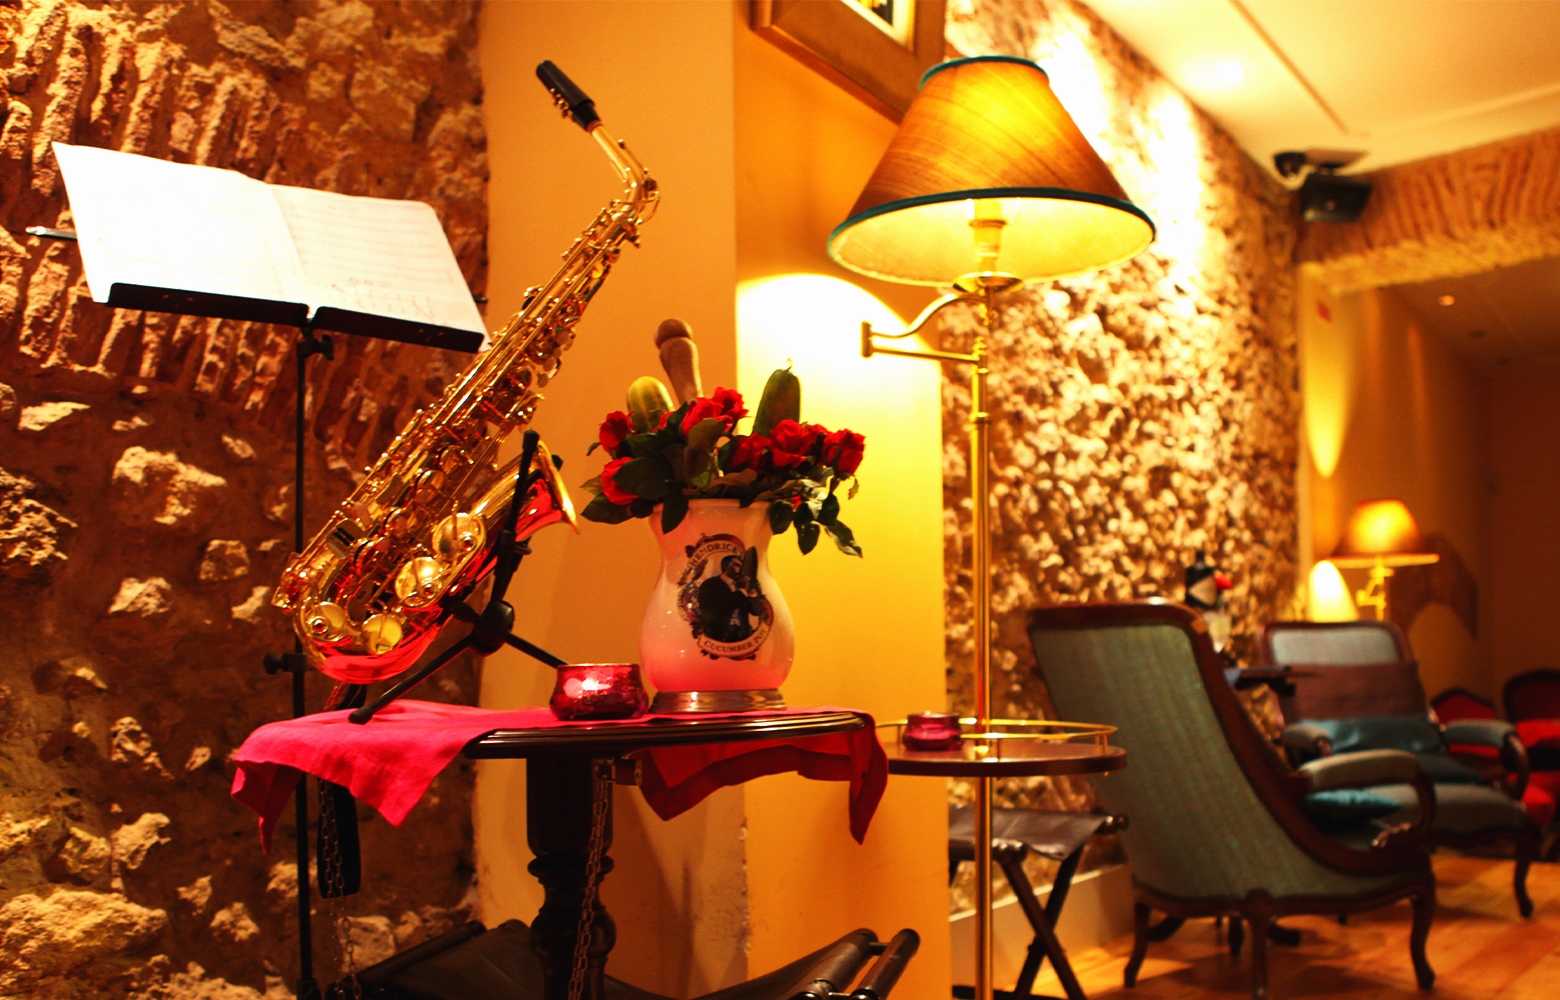 Matiz Pombalina Cocktail Bar - SAXOPHONE